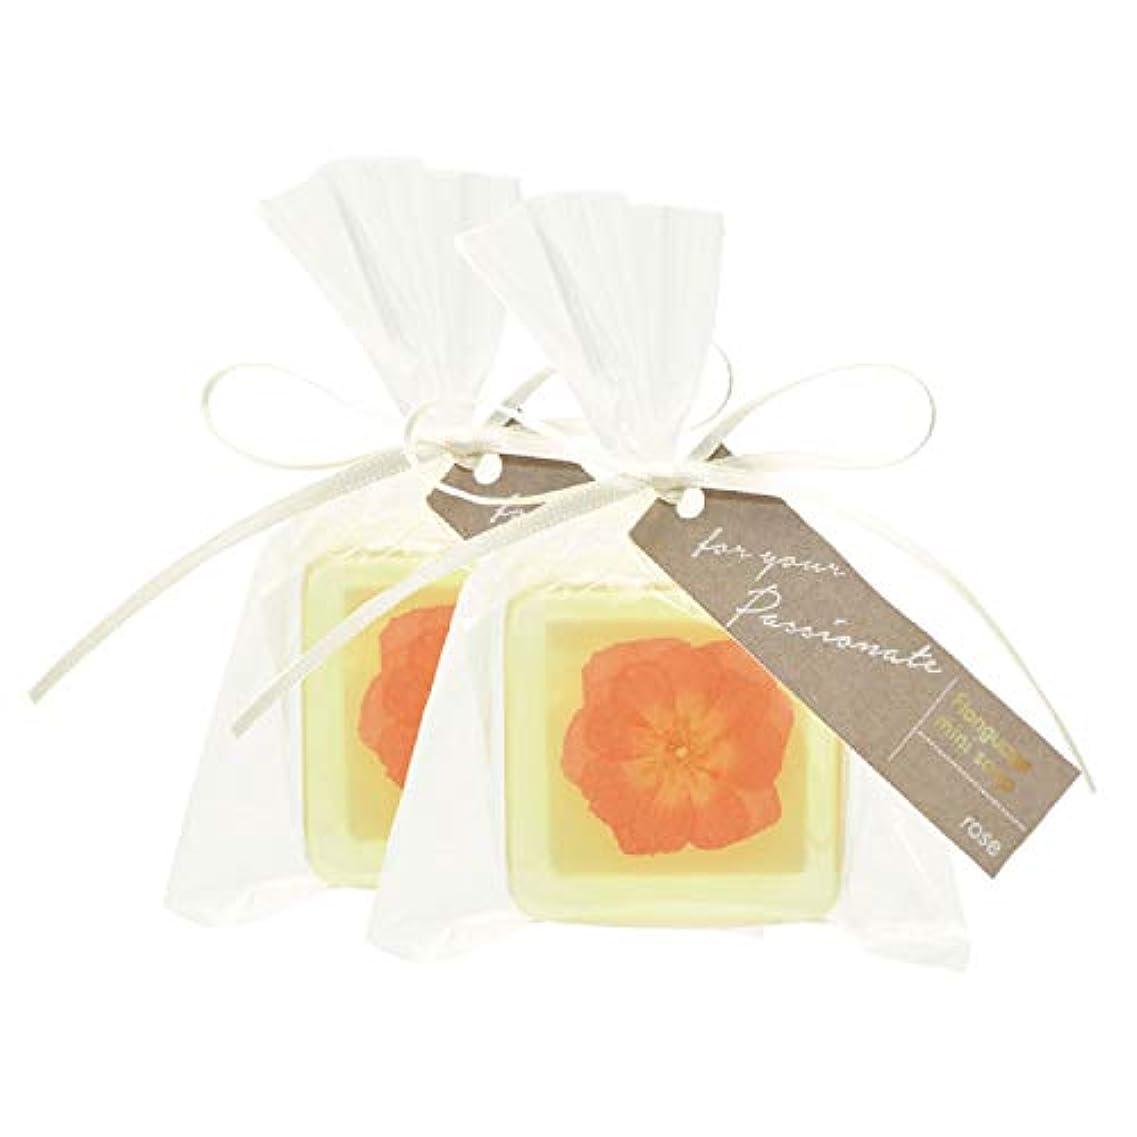 パッチを除く晩餐ノルコーポレーション ソープJスクエア 石鹸 柑橘 セット 52g×2個